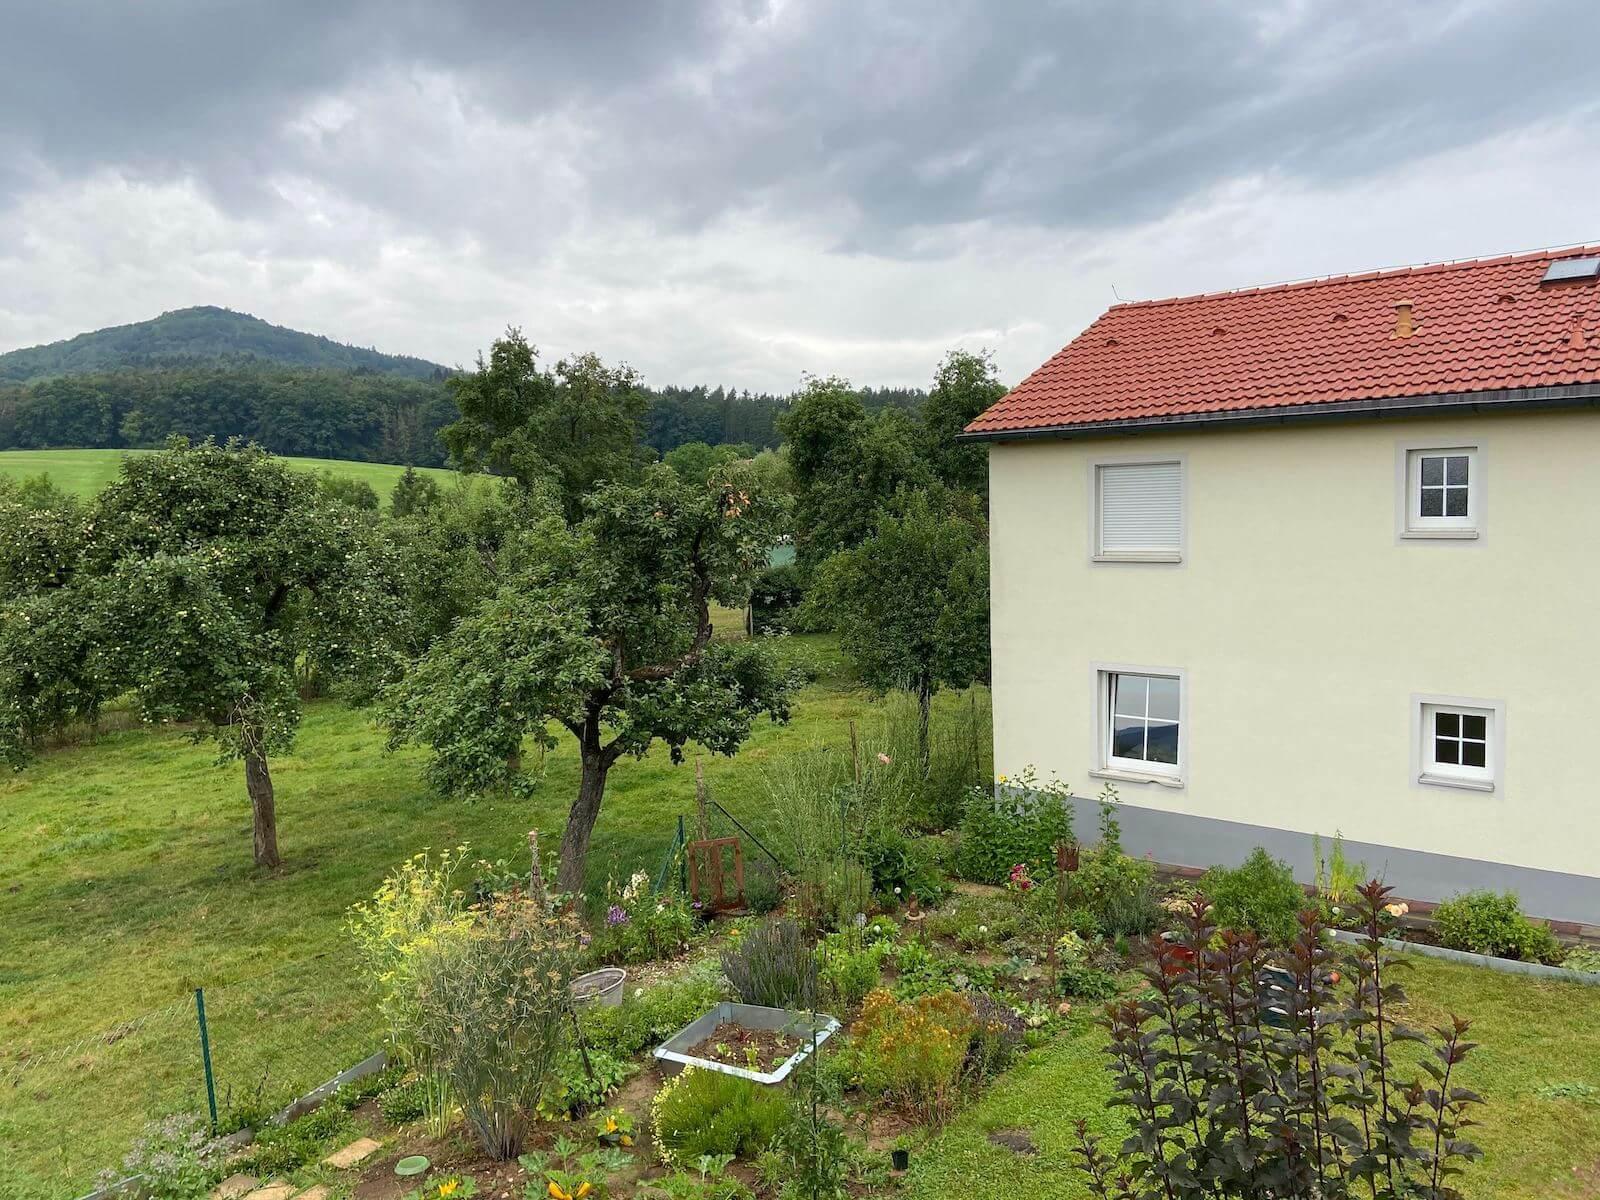 Haus am Kräutergarten Grüner Baum Kühnhofen